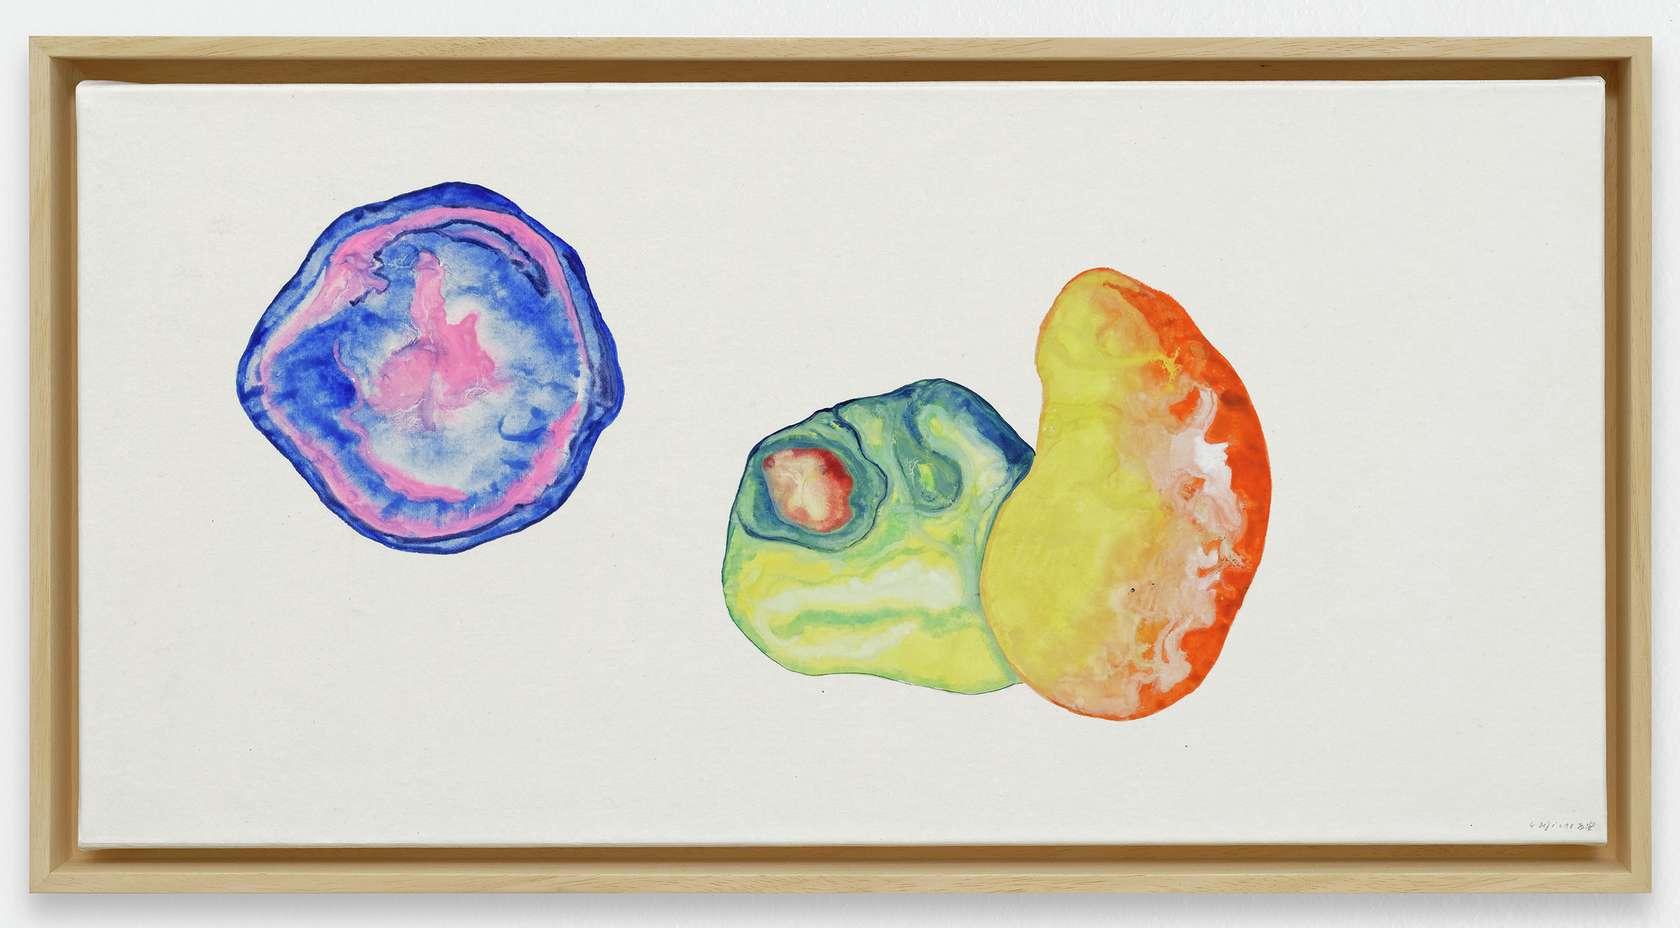 Guillaume Dégé, Sans titre, 2019 Gouache sur papier chinois marouflé sur toile32.5 × 65 cm / 12 6/8 × 25 5/8 in.